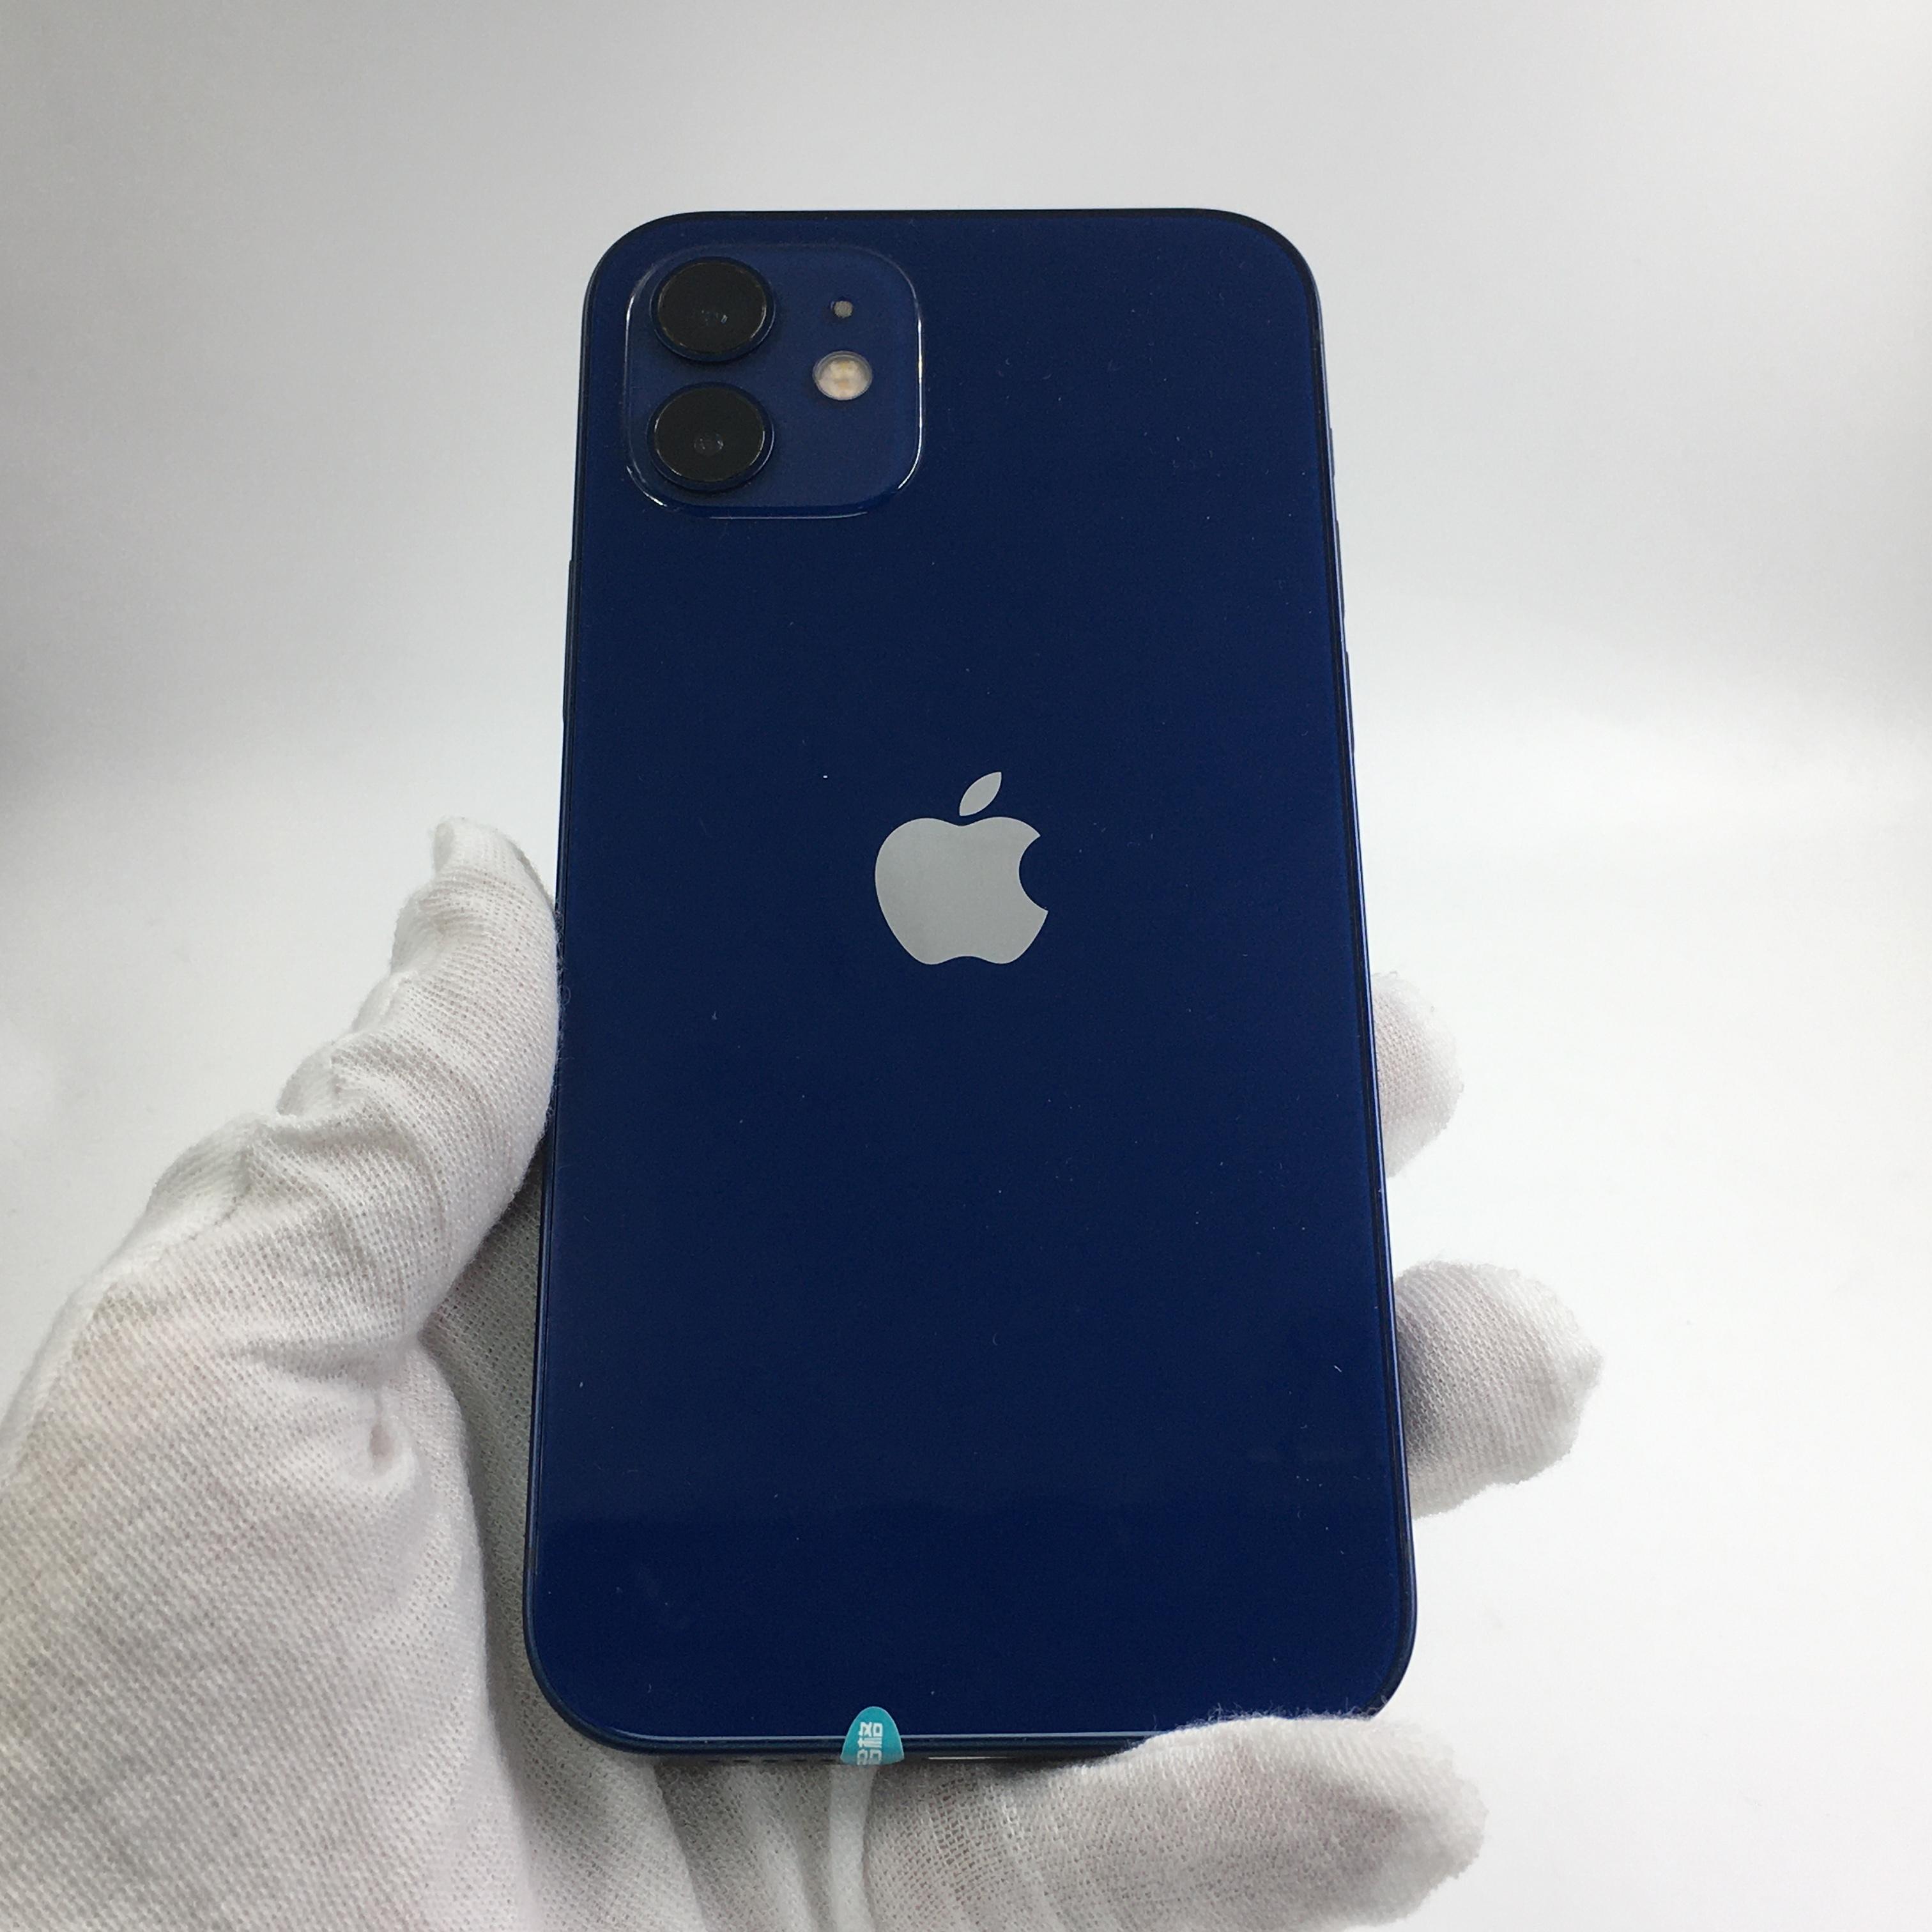 苹果【iPhone 12】5G全网通 蓝色 128G 国行 99新 128G真机实拍原装数据线